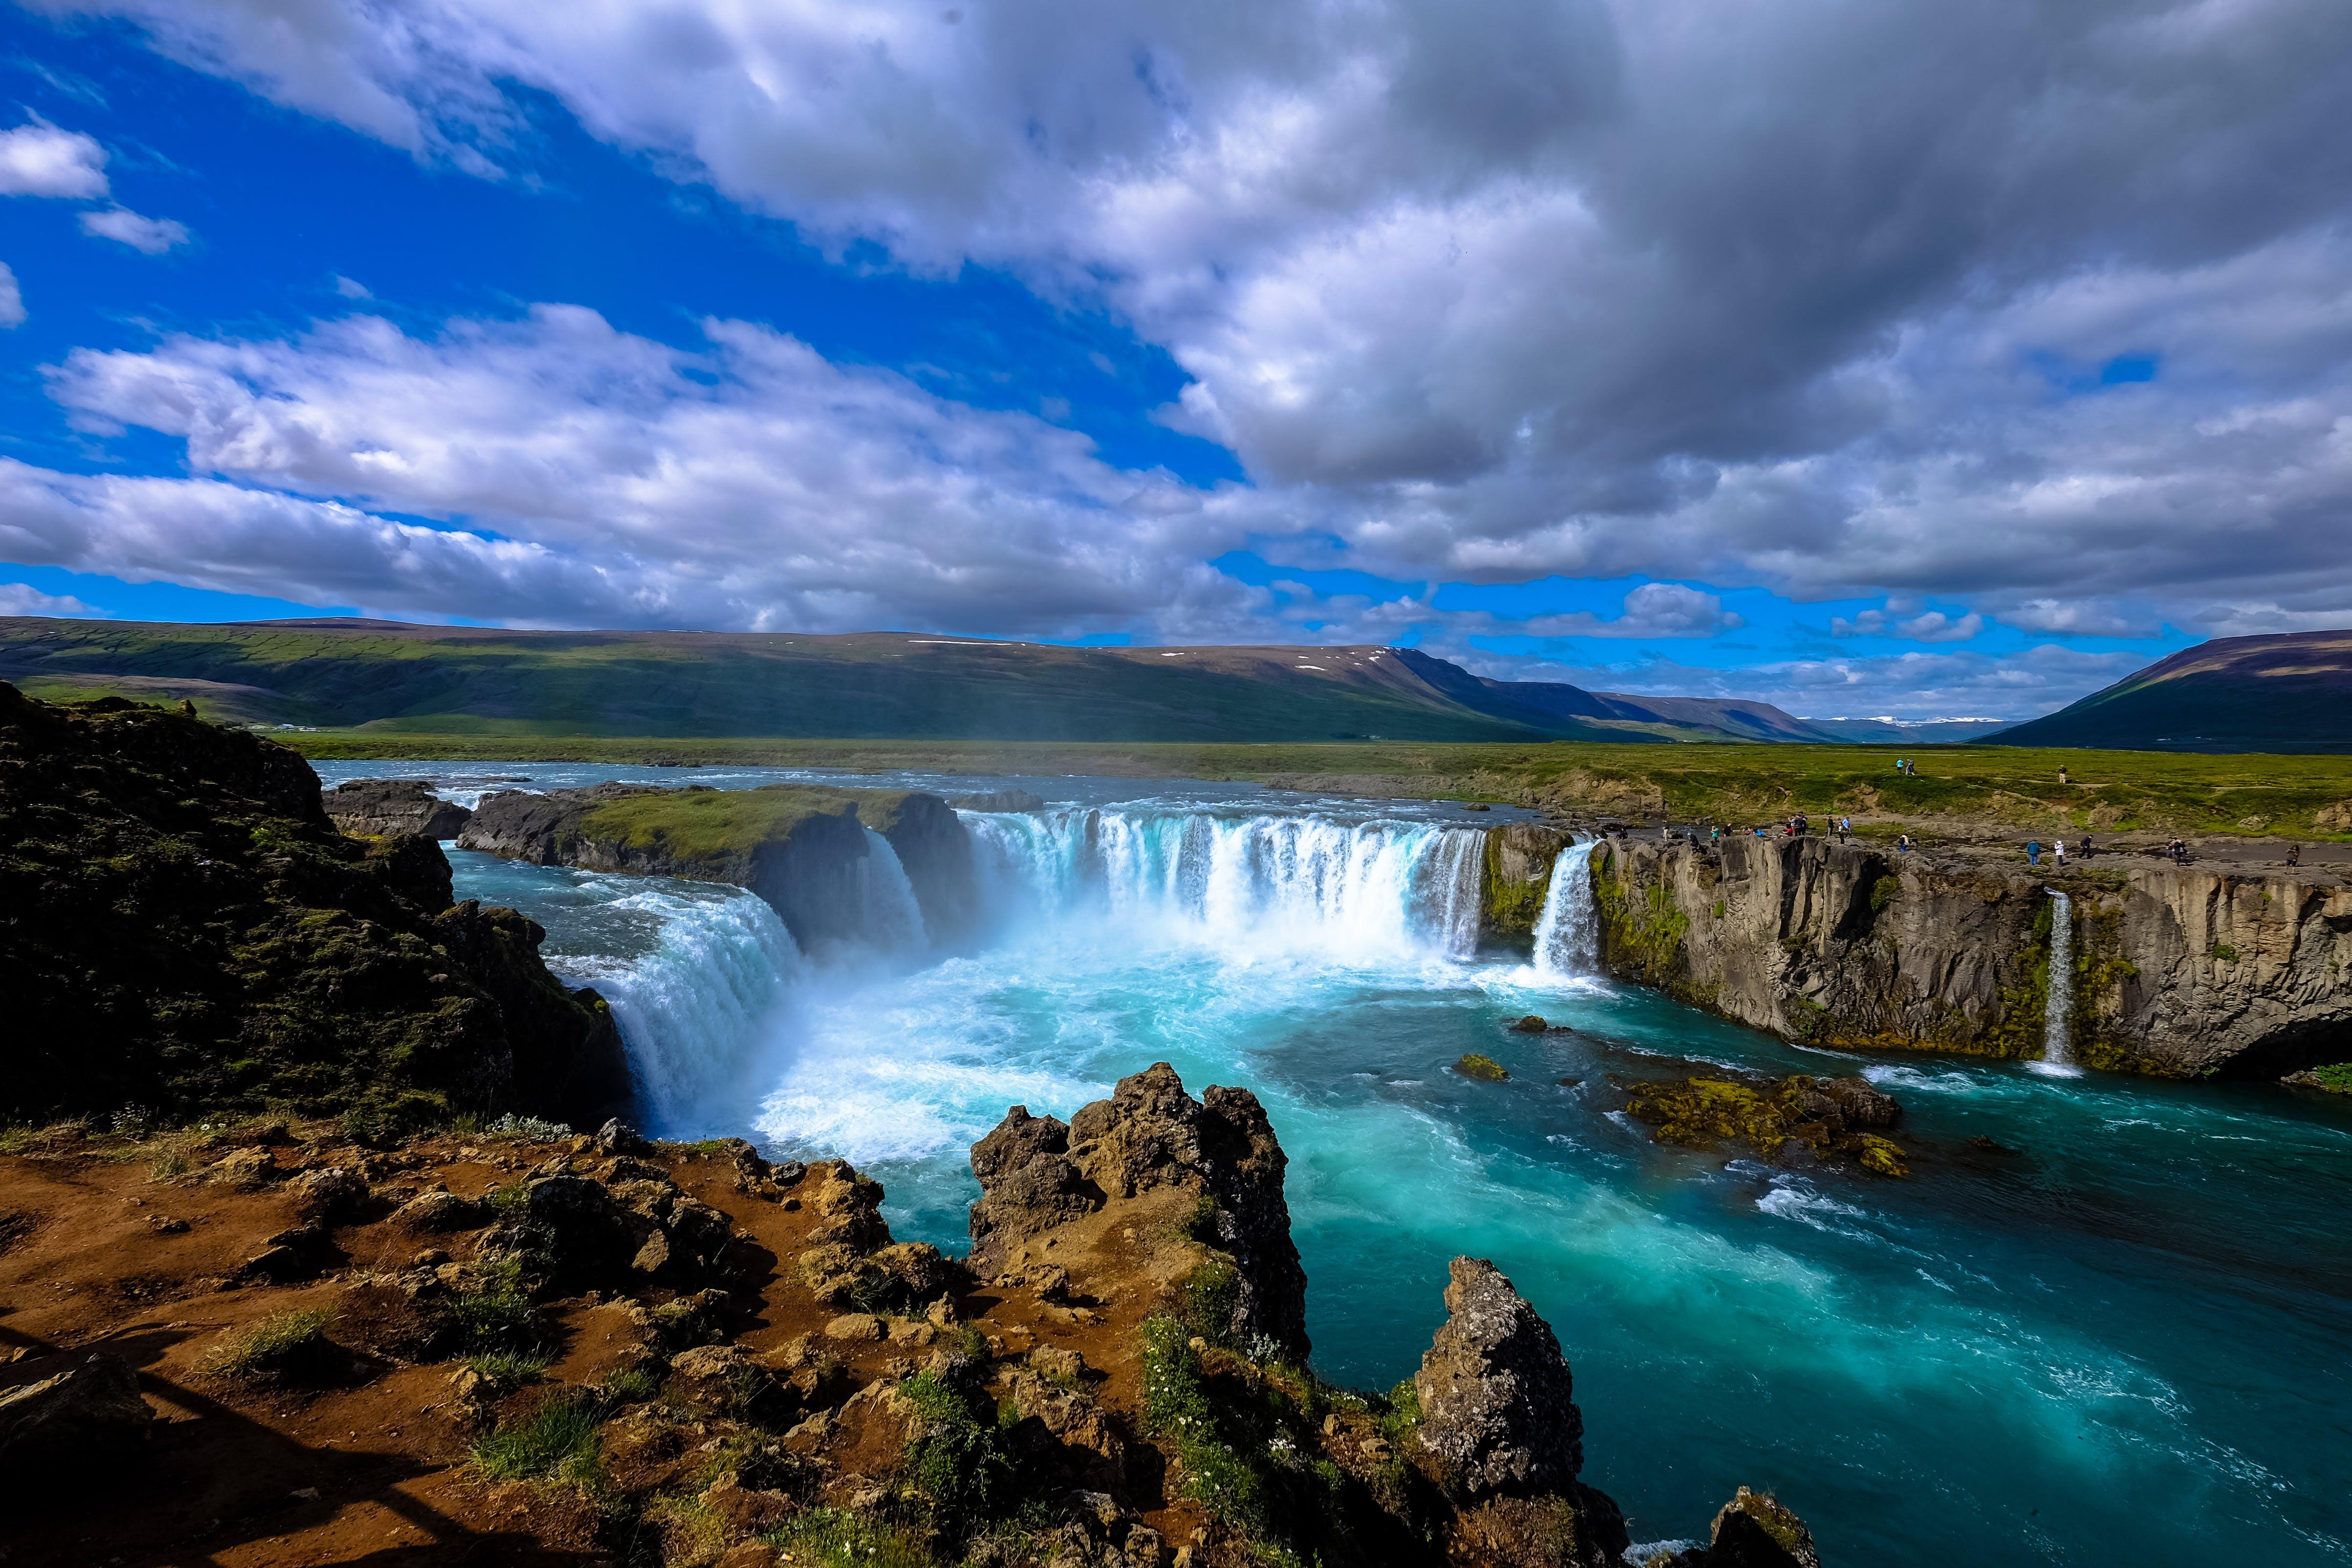 de abismo, água, cachoeira, calma